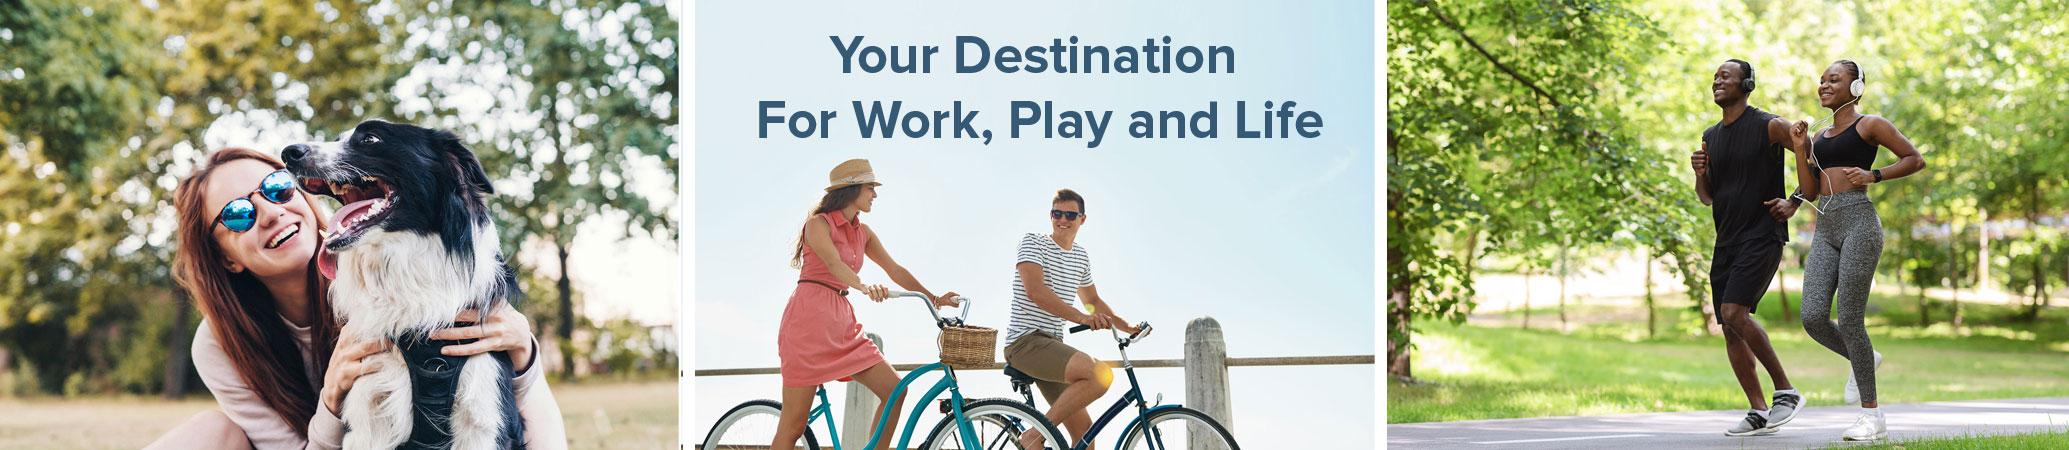 Martha James Live Work Play Work Destination